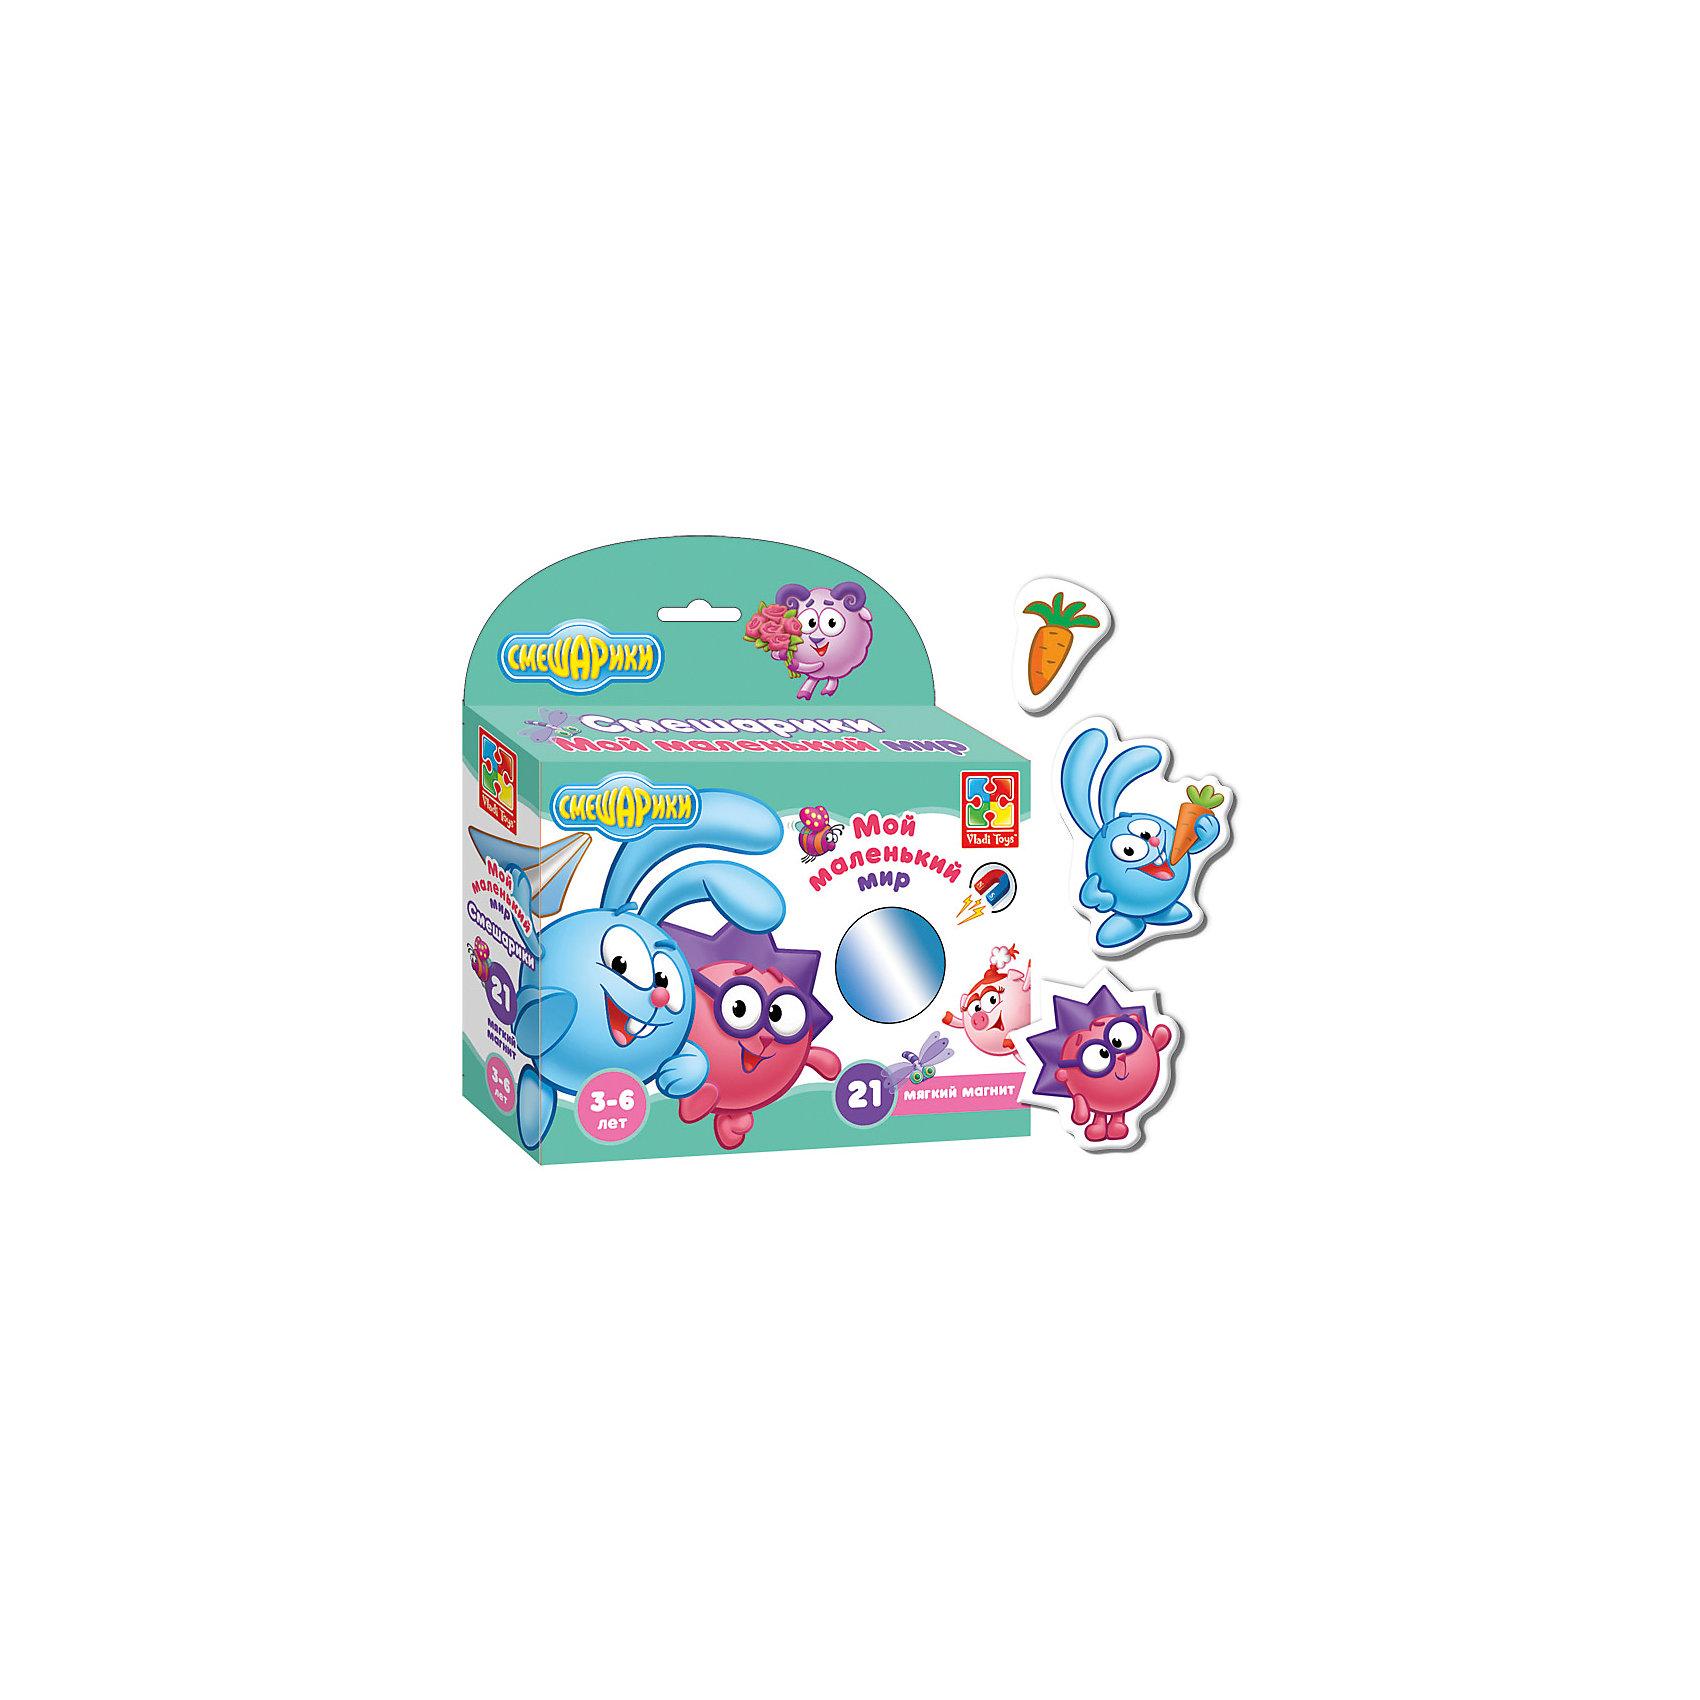 Игра Мой Маленький мир: Крош и Ёжик, Смешарики, Vladi ToysИгры для дошкольников<br>Характеристики:<br><br>• Вид игр: обучающие, развивающие<br>• Серия: Мой маленький мир<br>• Пол: универсальный<br>• Материал: картон, магнит<br>• Цвет: голубой, фиолетовый, сиреневый и др.<br>• Комплектация: 21 магнит с изображением персонажей и предметов<br>• Размеры упаковки (Д*Ш*В): 16,5*4,5*19 см<br>• Тип упаковки: картонная коробка<br>• Вес в упаковке: 106 г<br><br>Игра Мой Маленький мир: Крош и Ежик, Смешарики, Vladi Toys, производителем которых является компания, специализирующаяся на выпуске развивающих игр, давно уже стали популярными среди аналогичной продукции. Обучающие магниты – это эффективное наглядное средство при изучении новых предметов и слов. При производстве магнитов использованы только экологически безопасные материалы, которые не вызывают аллергии и не имеют запаха. Игра на магнитах от Vladi Toys состоит из 21 магнита, на которых изображены персонажи и свойственные им предметы. В комплекте предусмотрена инструкция.<br>Игра Мой Маленький мир: Крош и Ежик, Смешарики, Vladi Toys позволит вашему ребенку развивать связную речь, развивать воображение и обогащать словарный запас.<br><br>Игру Мой Маленький мир: Крош и Ежик, Смешарики, Vladi Toys можно купить в нашем интернет-магазине.<br><br>Ширина мм: 165<br>Глубина мм: 45<br>Высота мм: 190<br>Вес г: 106<br>Возраст от месяцев: 24<br>Возраст до месяцев: 60<br>Пол: Унисекс<br>Возраст: Детский<br>SKU: 5136117